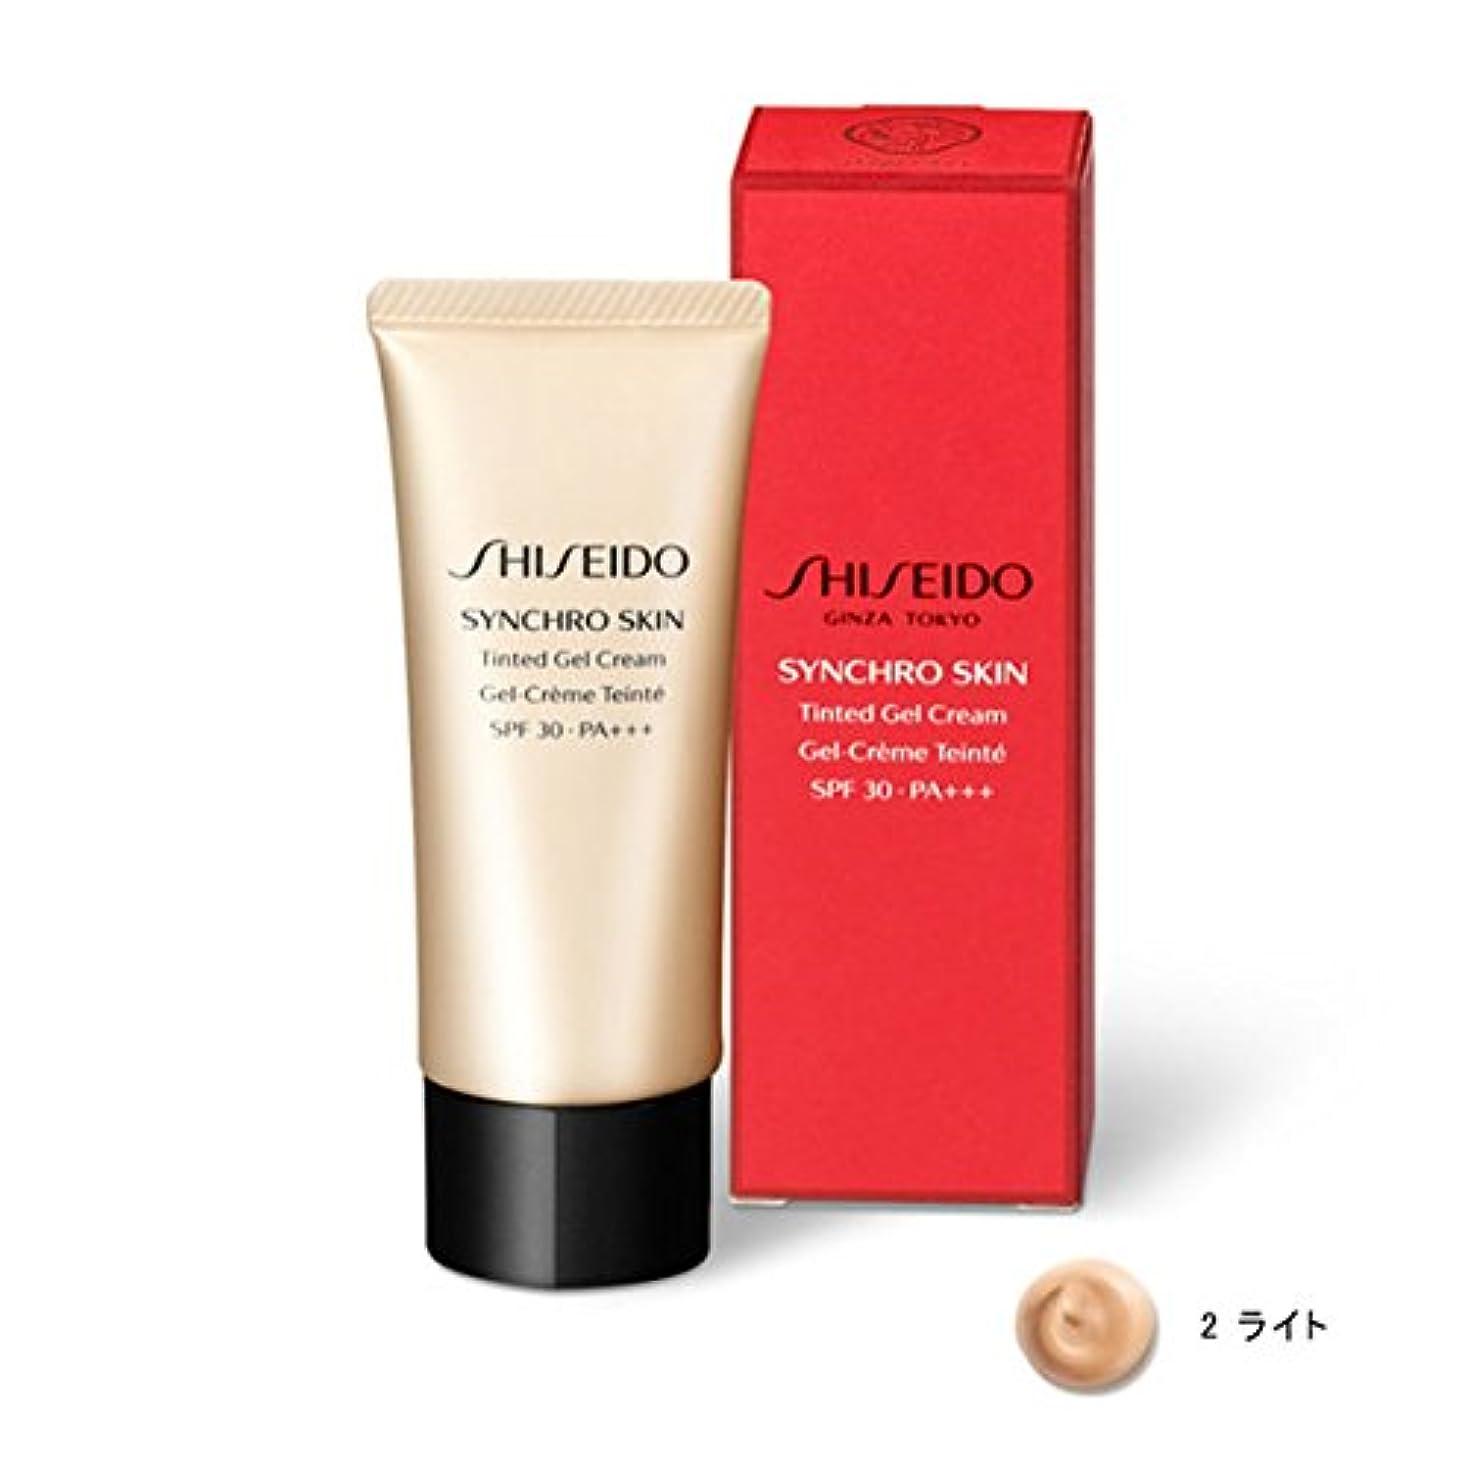 知り合いフルート支店SHISEIDO Makeup(資生堂 メーキャップ) SHISEIDO(資生堂) シンクロスキン ティンティッド ジェルクリーム (2 ライト)